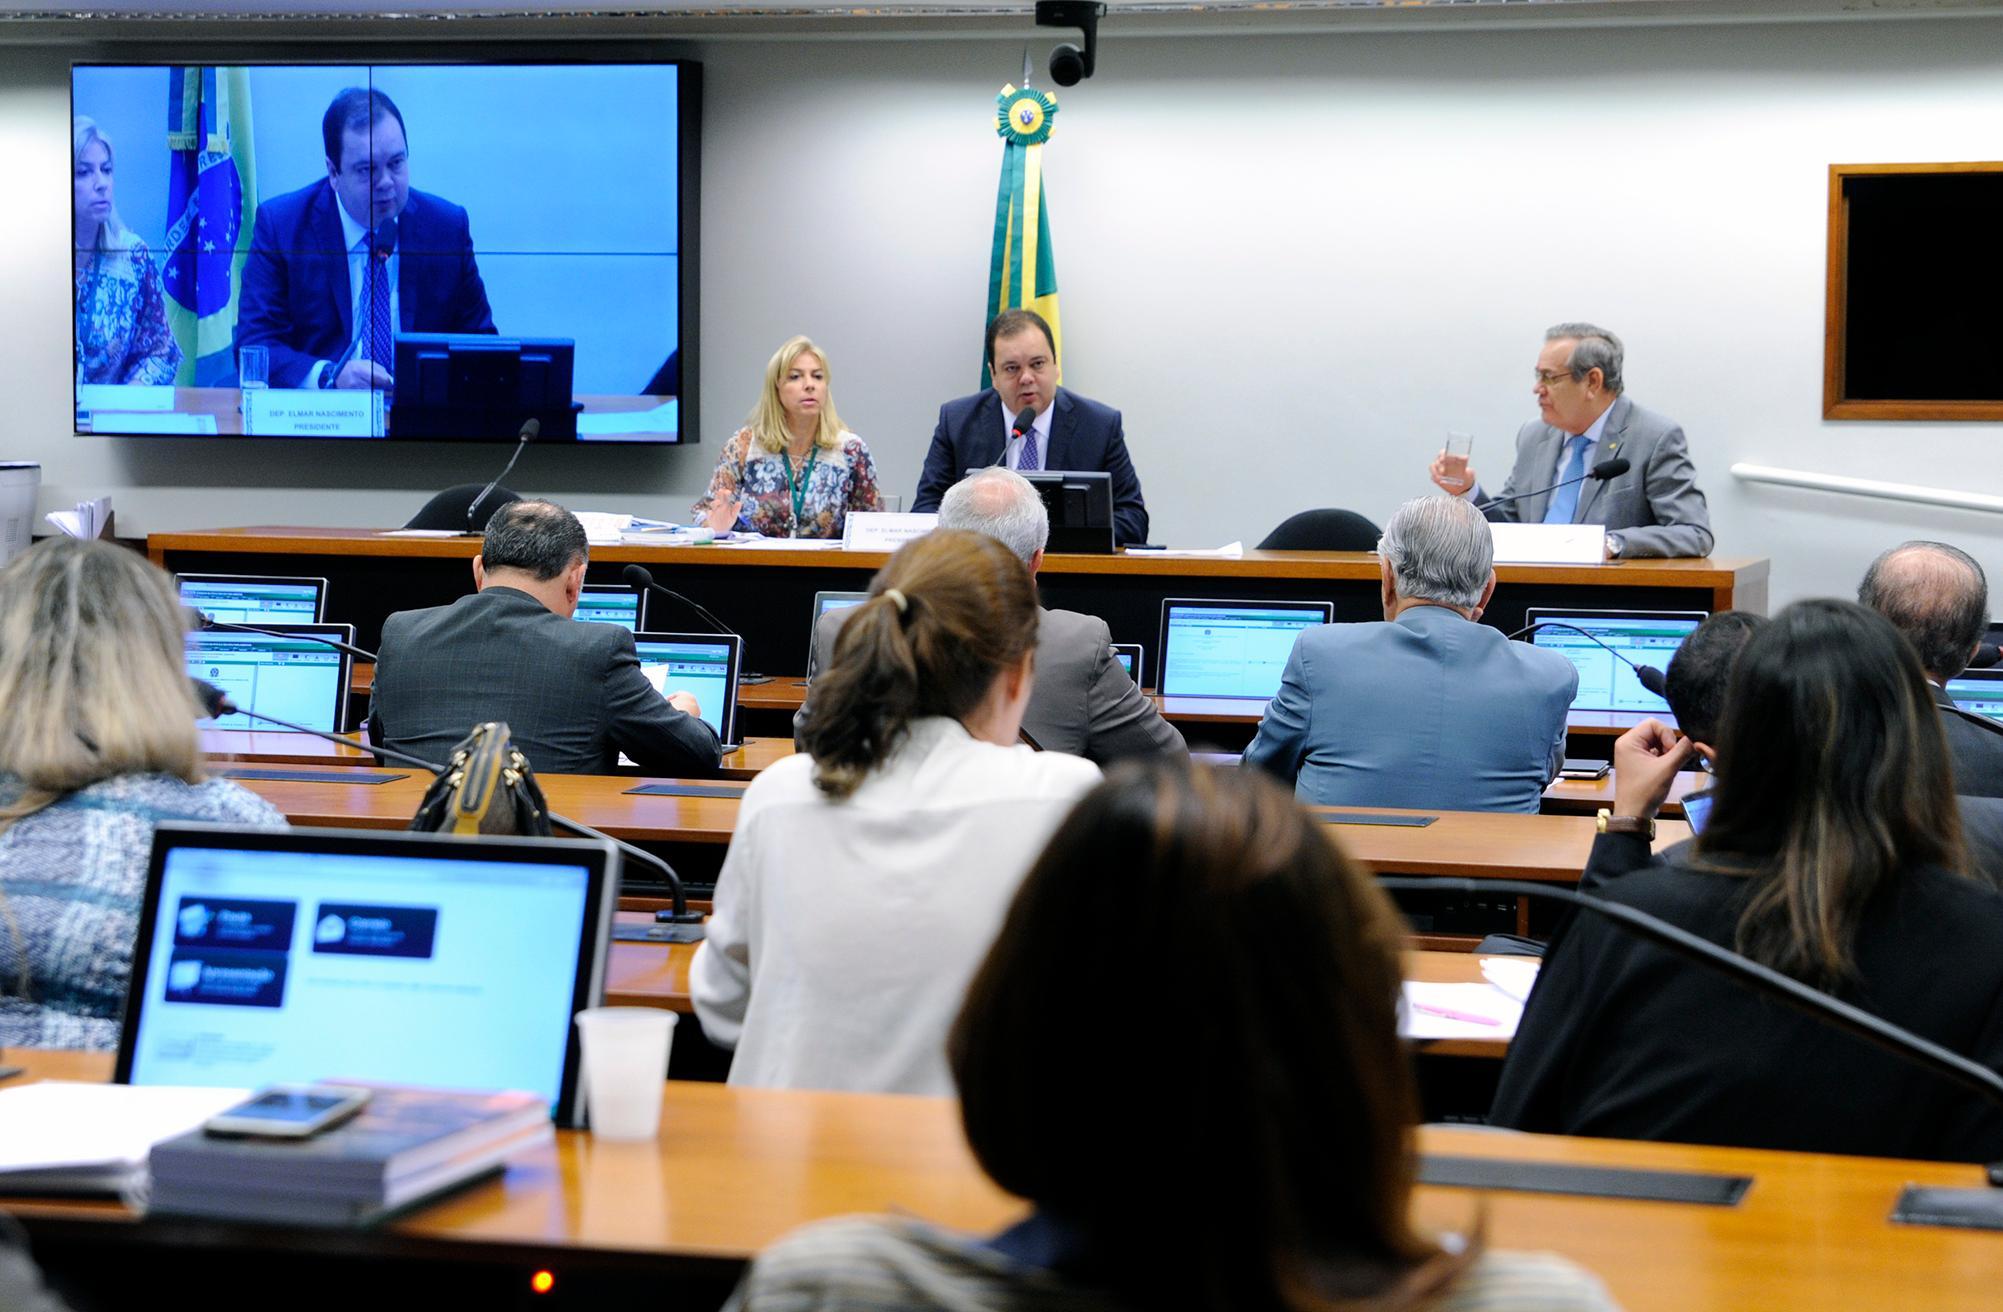 Discussão e votação de pareceres preliminares referentes a processos em desfavor dos deputados João Rodrigues (PSD/SC) e Jean Wyllys (PSOL/RJ)